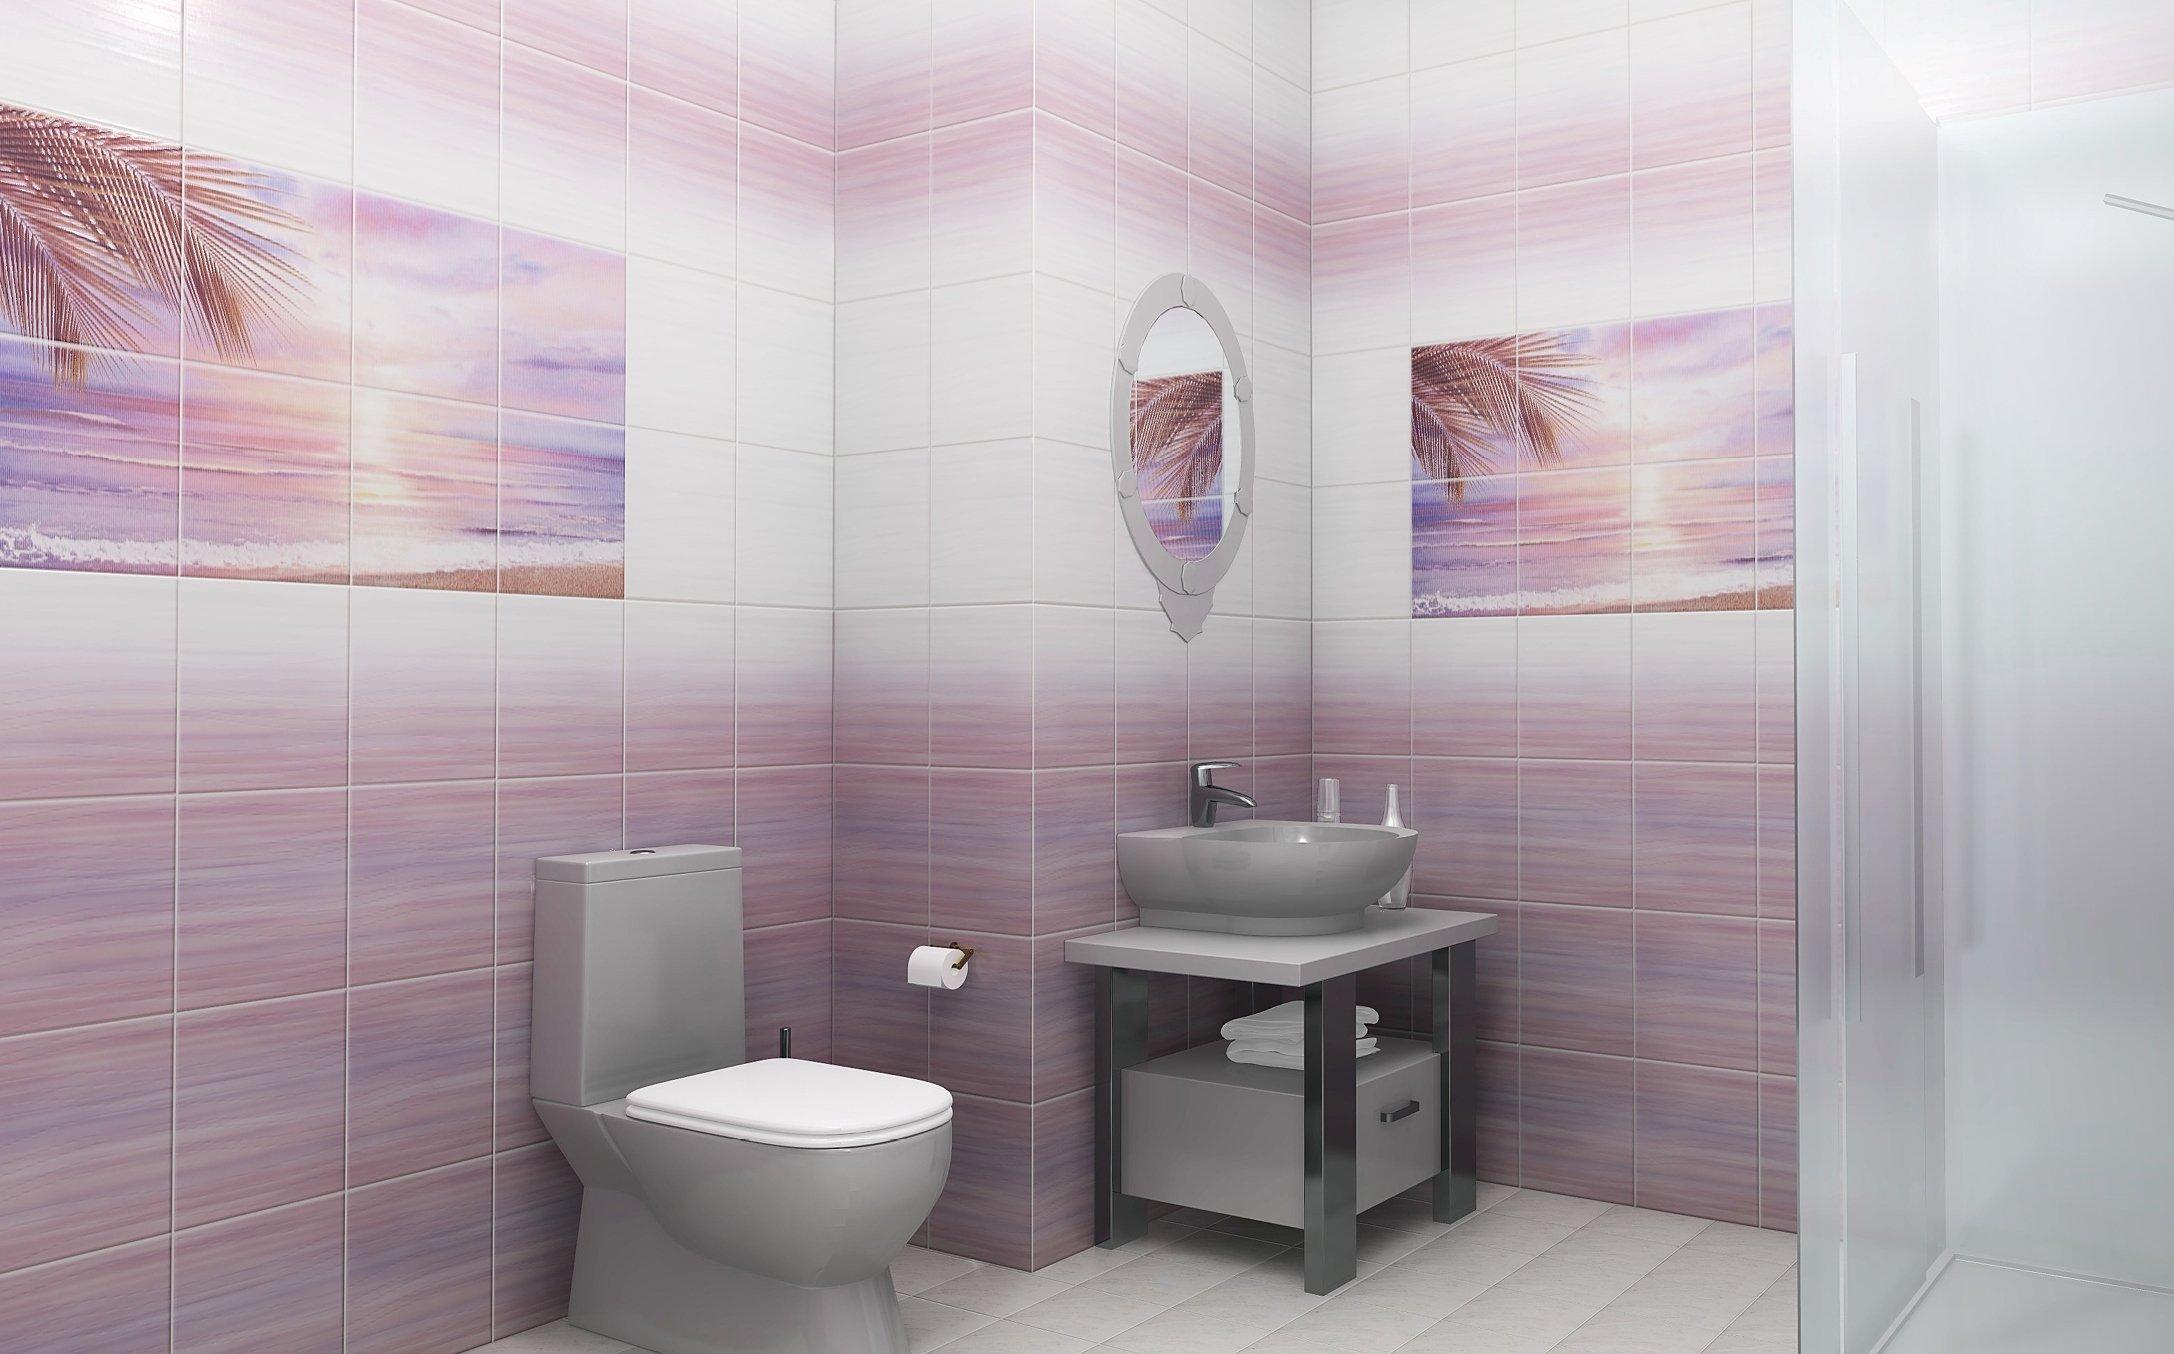 Panneaux en PVC à l'intérieur de la salle de bain